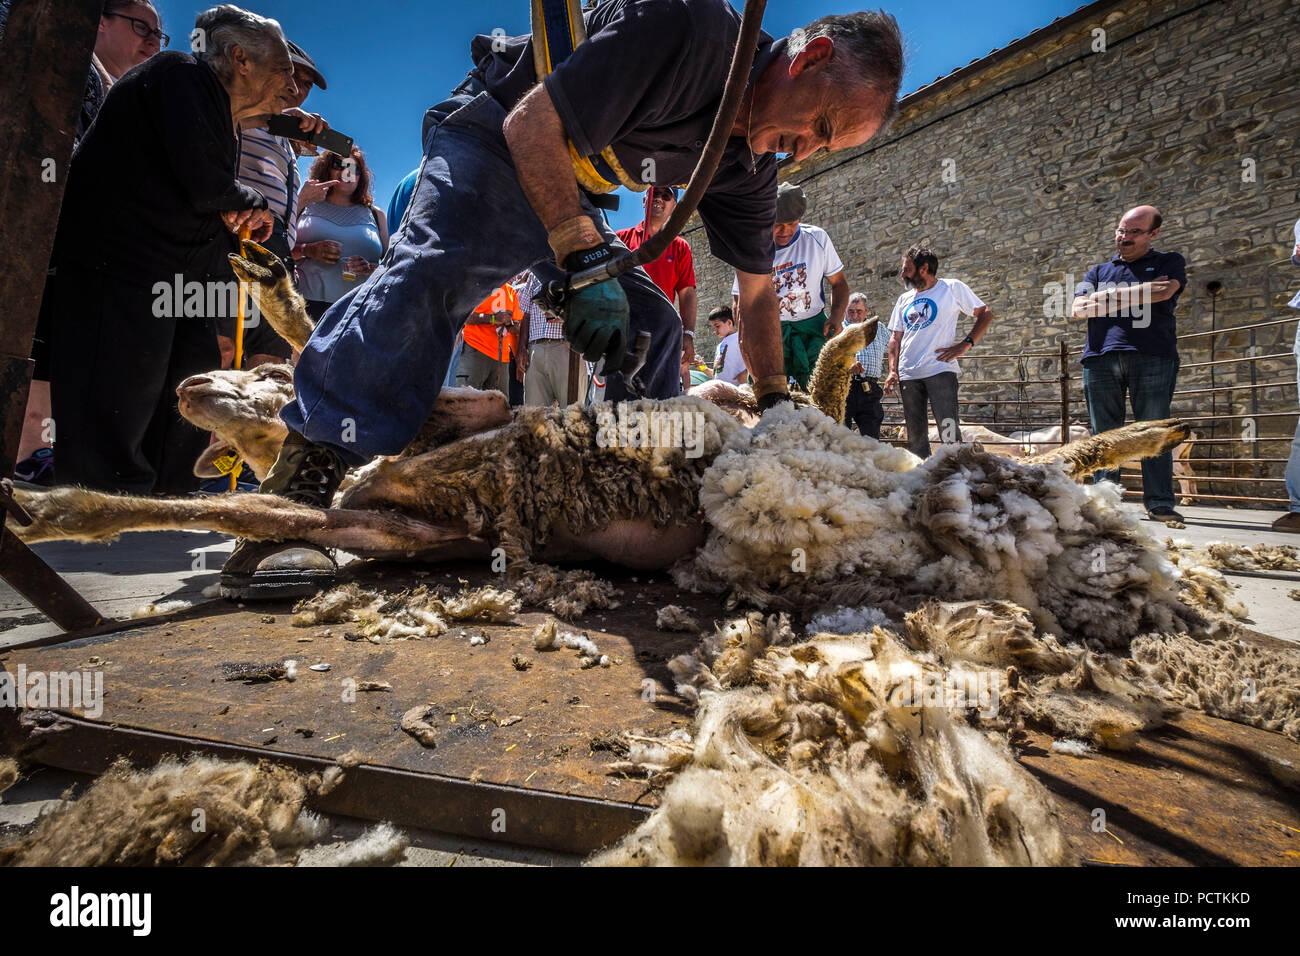 Soria, Spagna - 10 giugno 2017, festa popolare alla fine di una pecora transumanti rotta in un piccolo borgo rurale di Soria in Spagna, 2017, la tosatura delle pecore in una piccola città in Soria in Spagna Immagini Stock